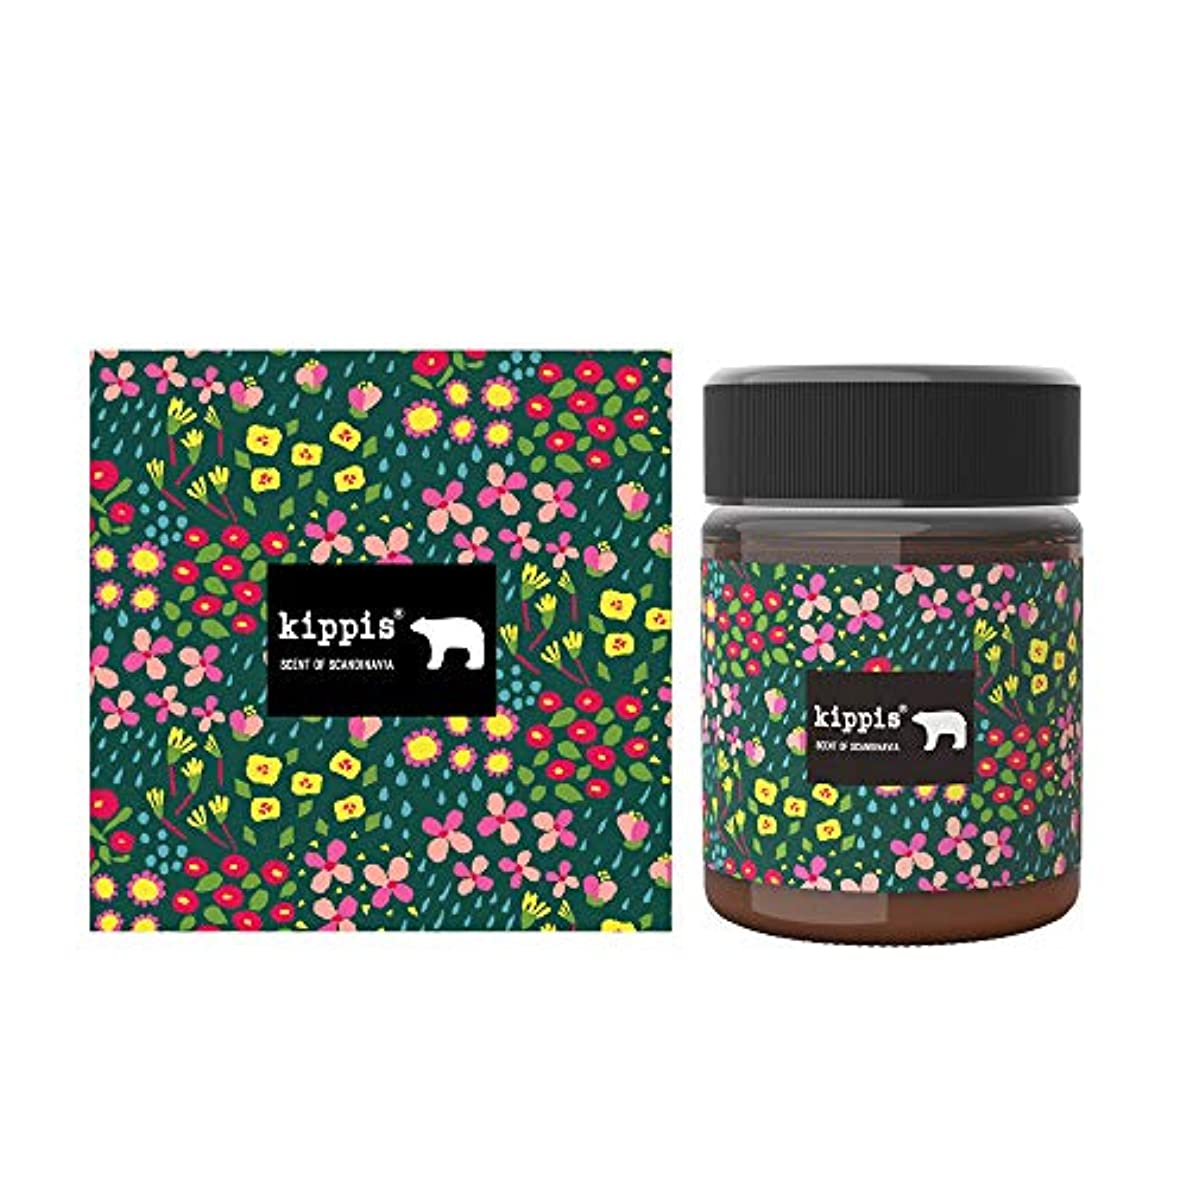 夏ホステス海洋のキッピス 髪と肌のトリートメントワックス(風香る森の花々の香り)40g